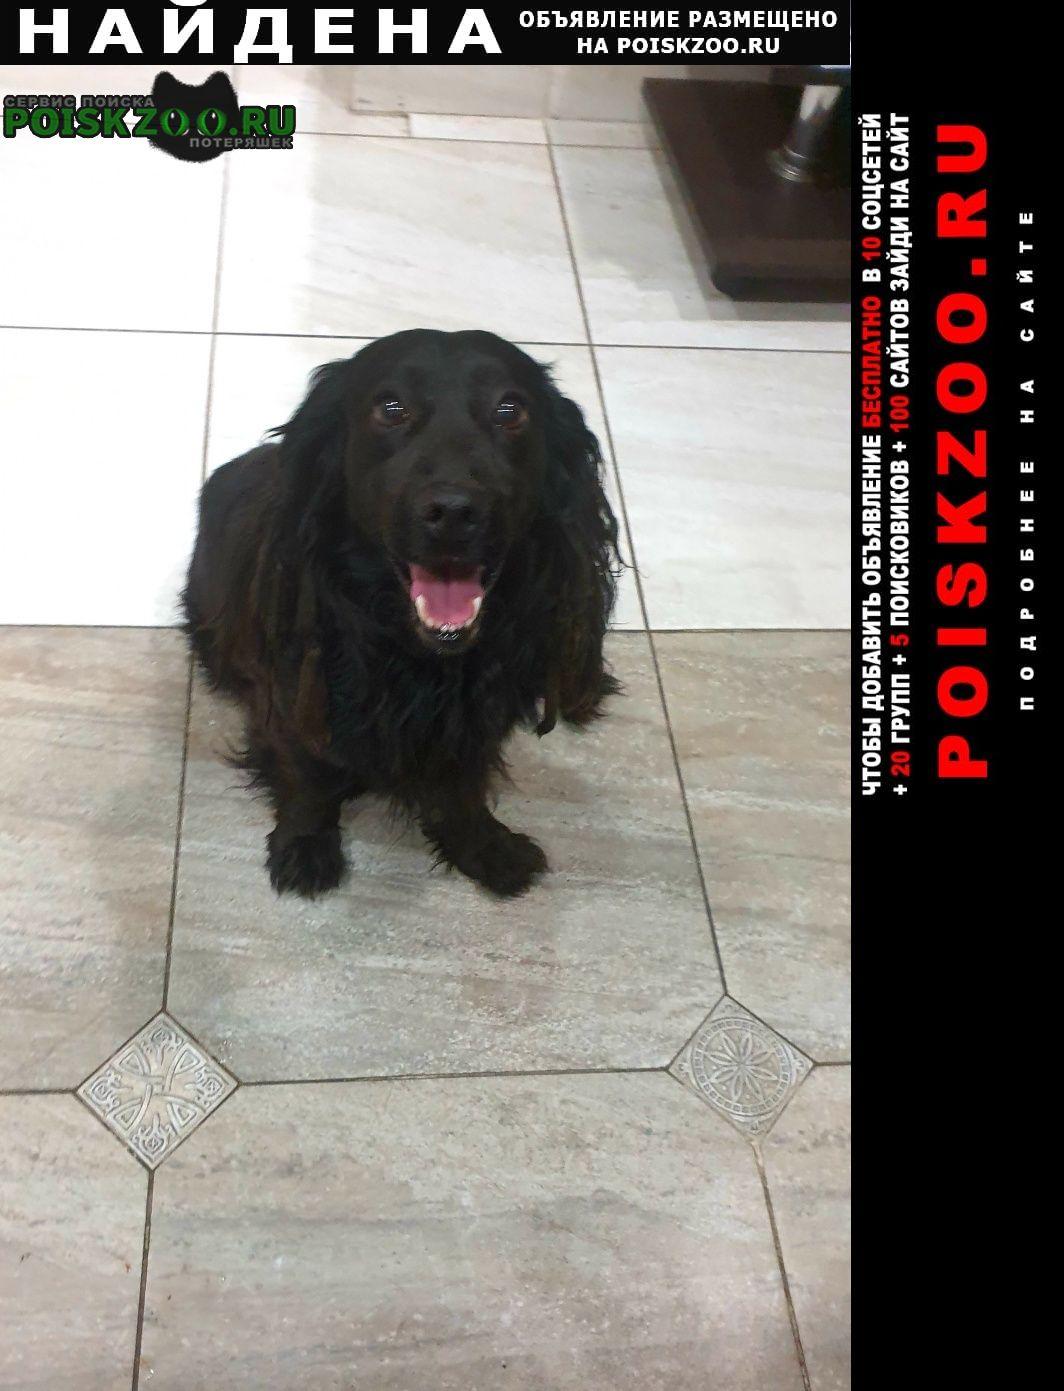 Найдена собака кобель спаниель, 9 мая Симферополь